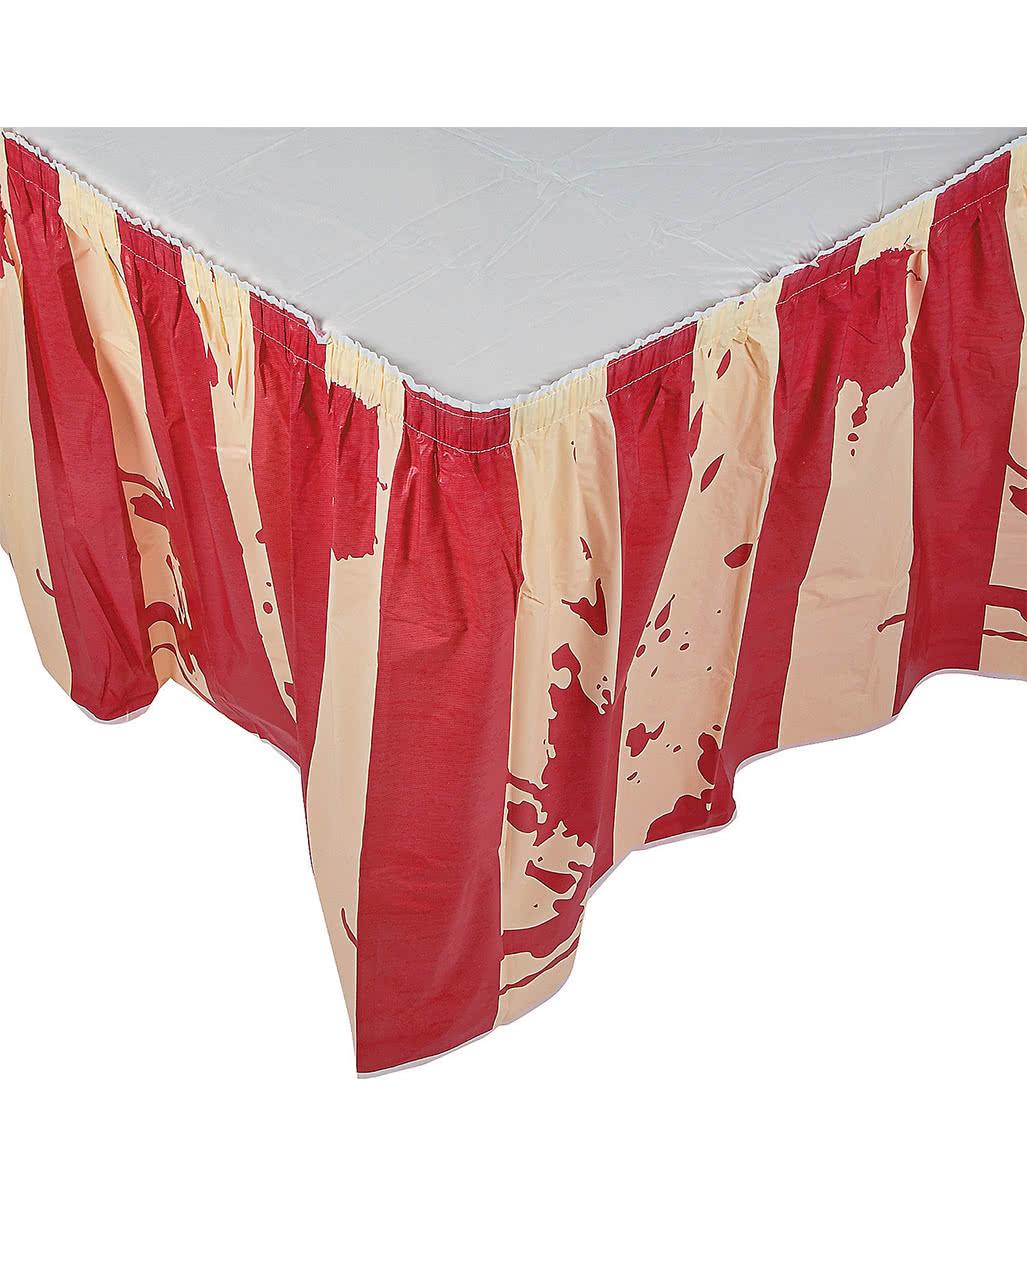 Halloween zirkus tischrock blutige tischdeko karneval for Zirkus dekoration